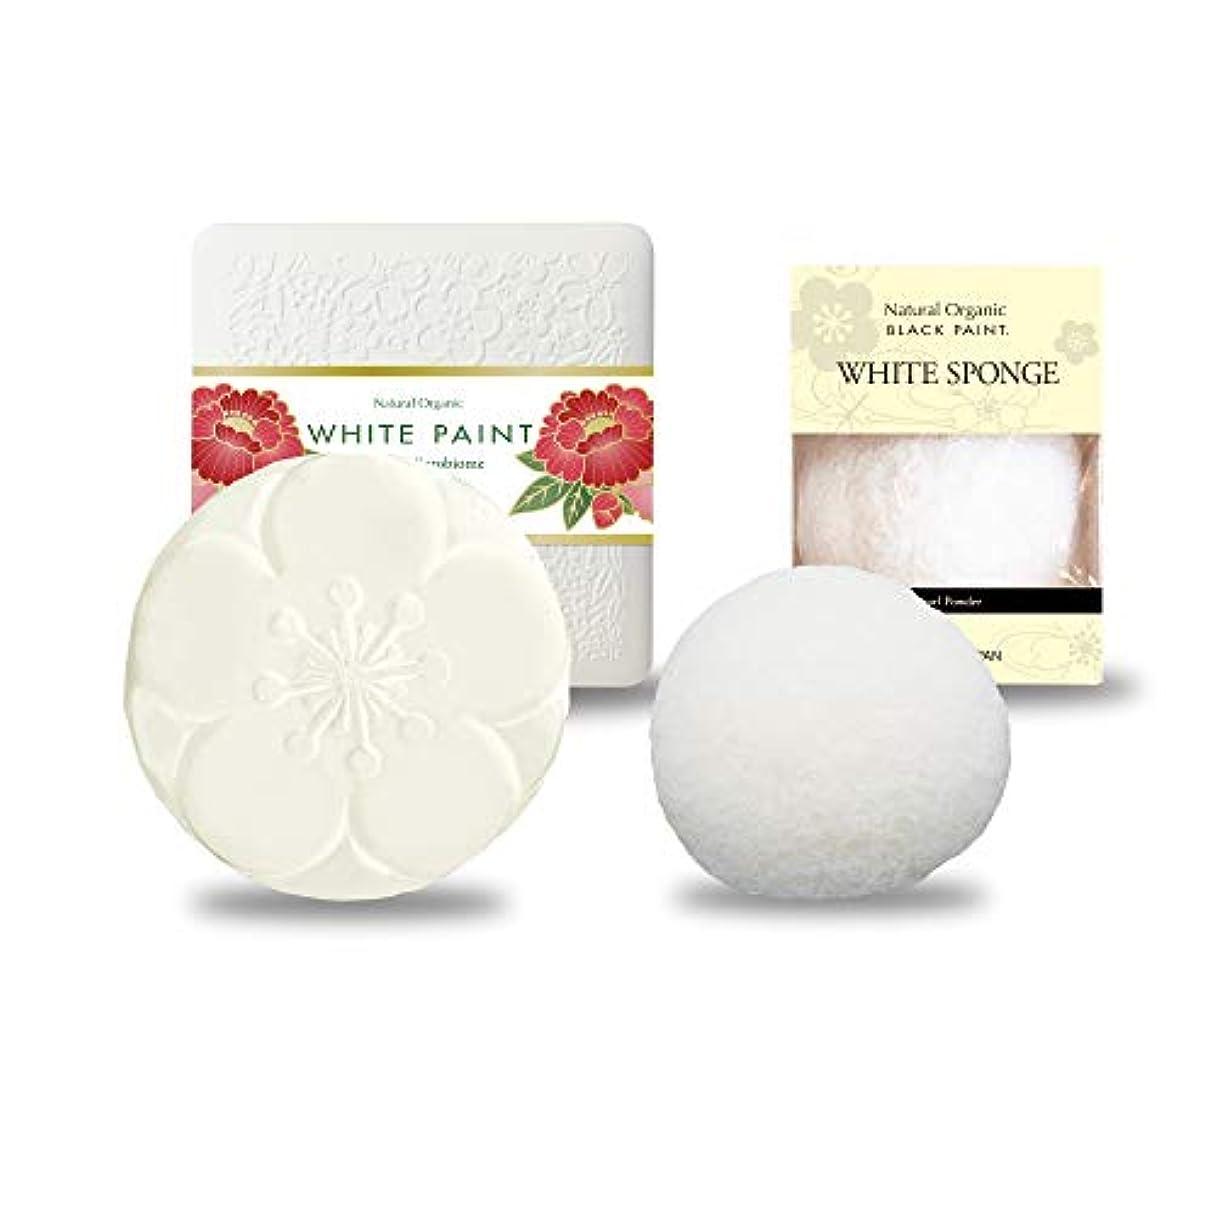 金貸し平らな生理プレミアムホワイトペイント60g&ホワイトスポンジ 洗顔セット